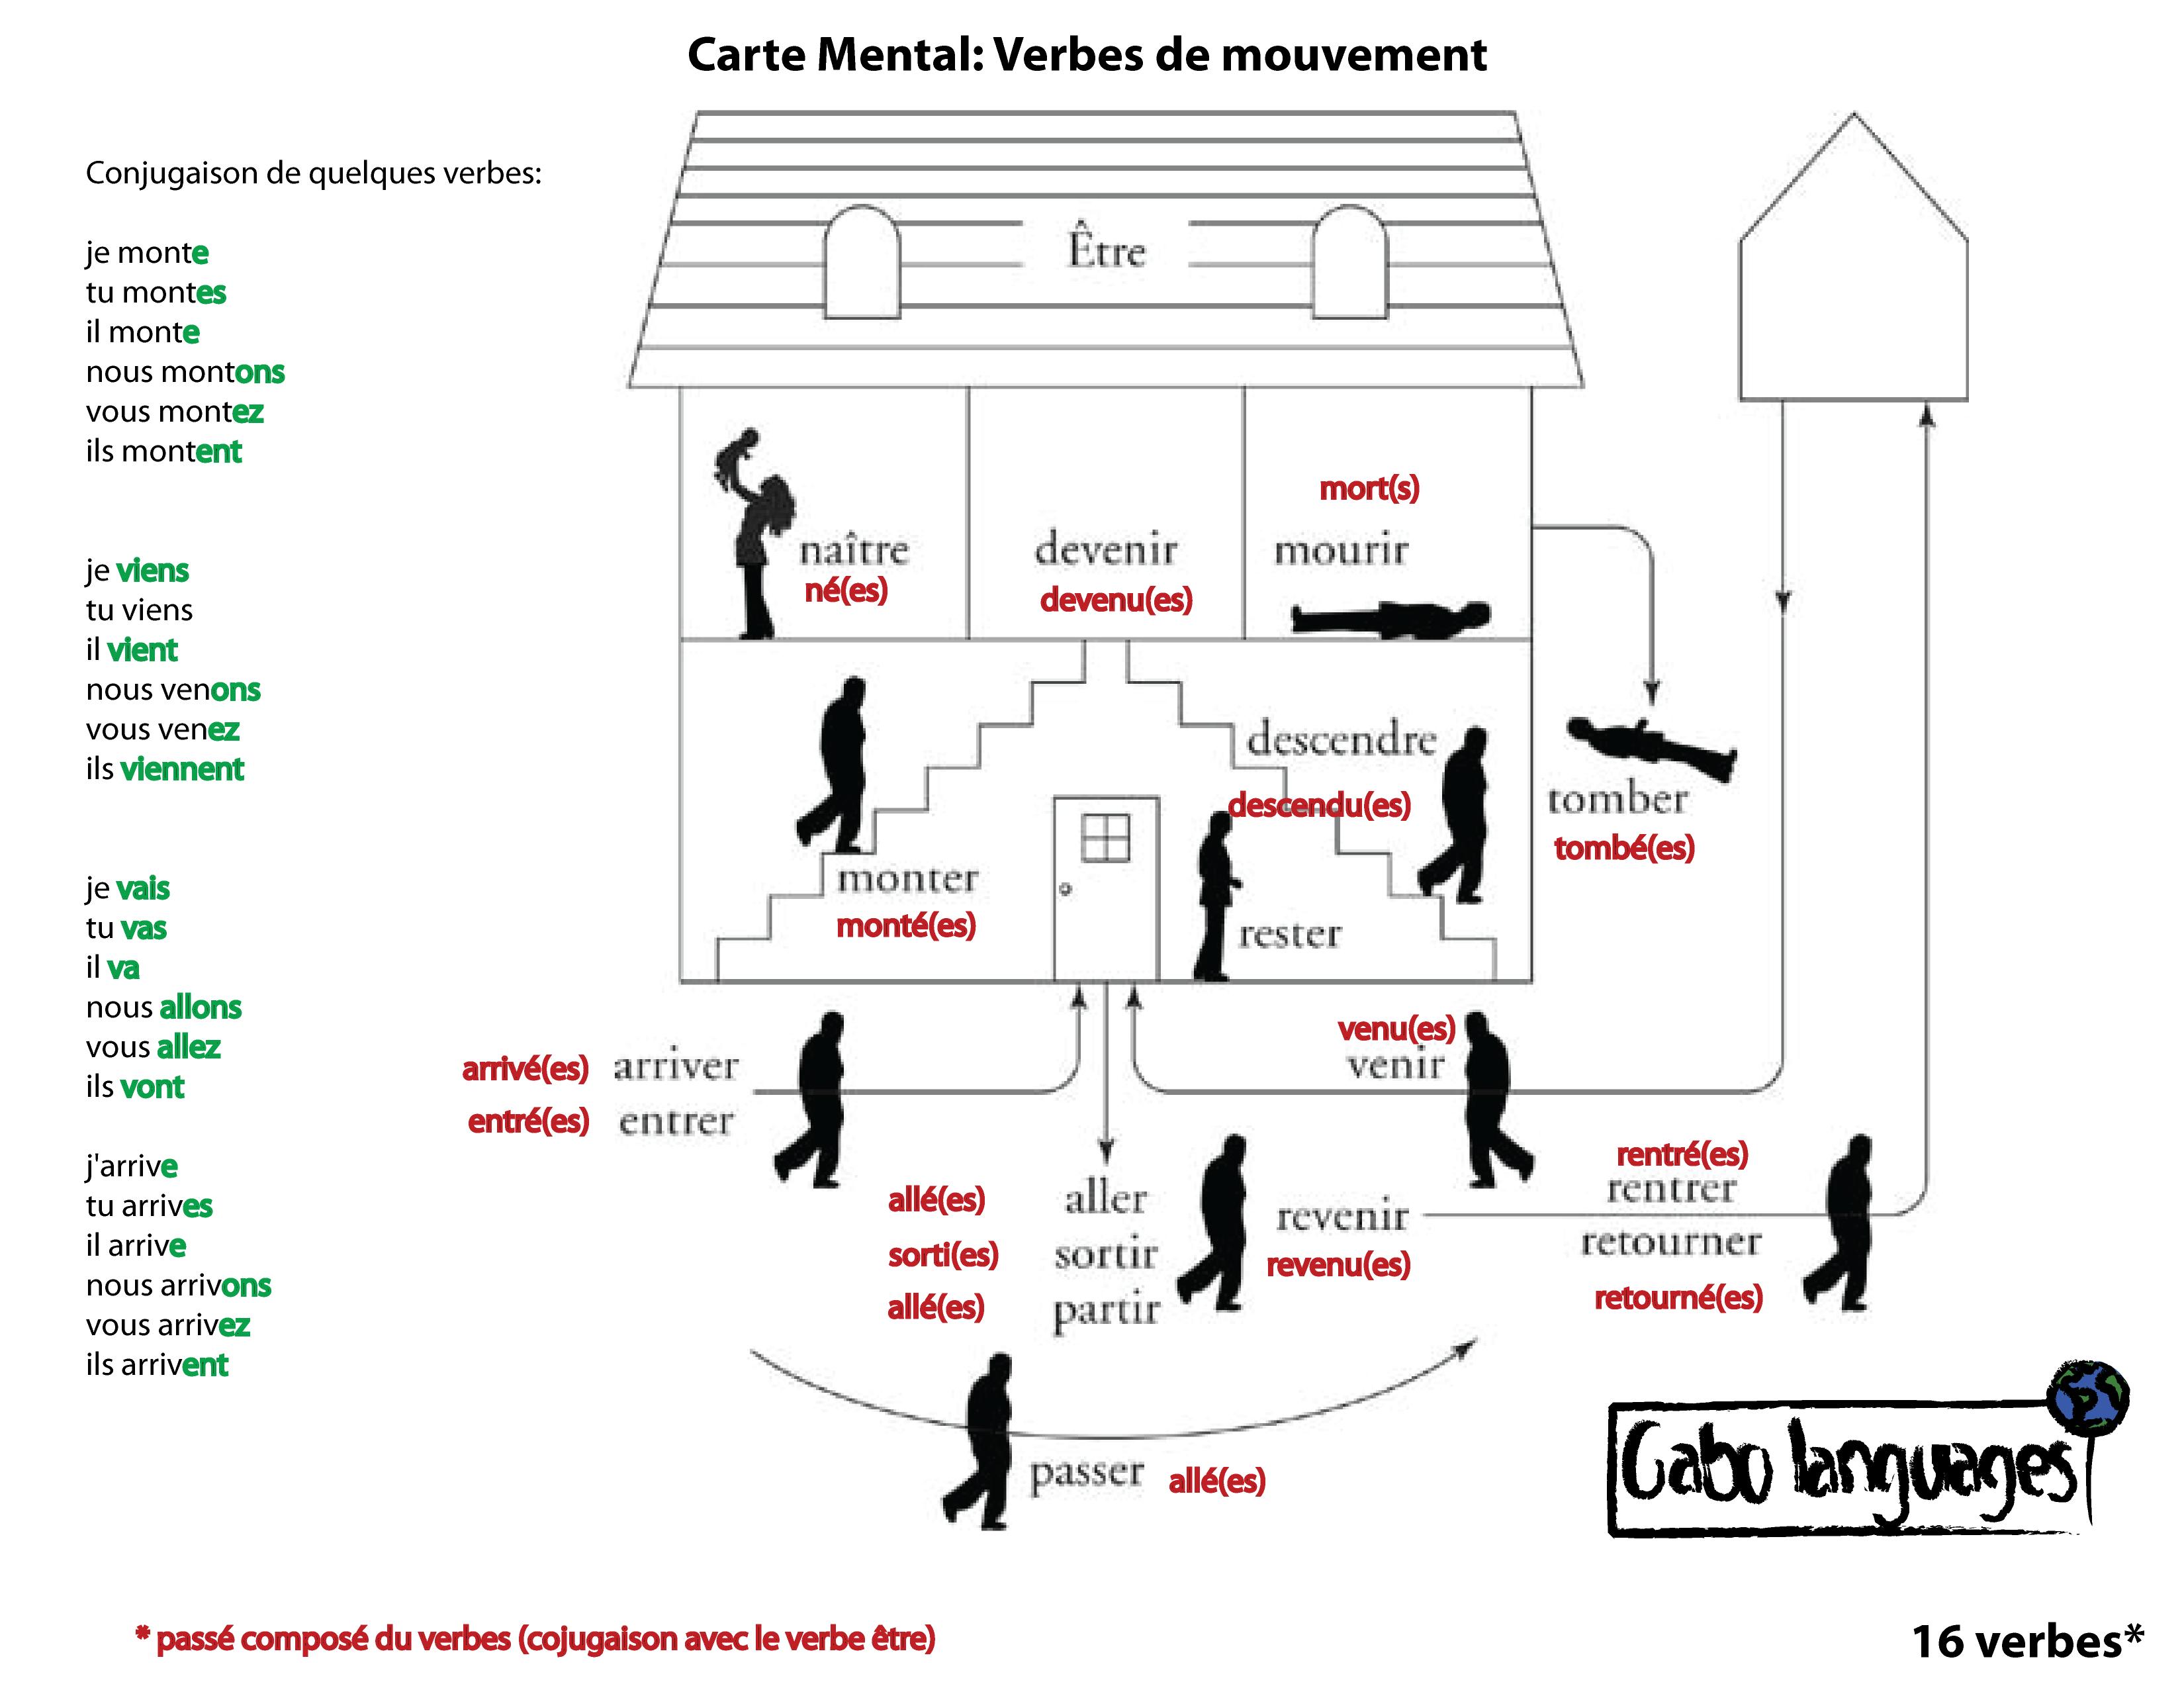 Carte Mental Sur Les Verbes De Mouvement En Francais